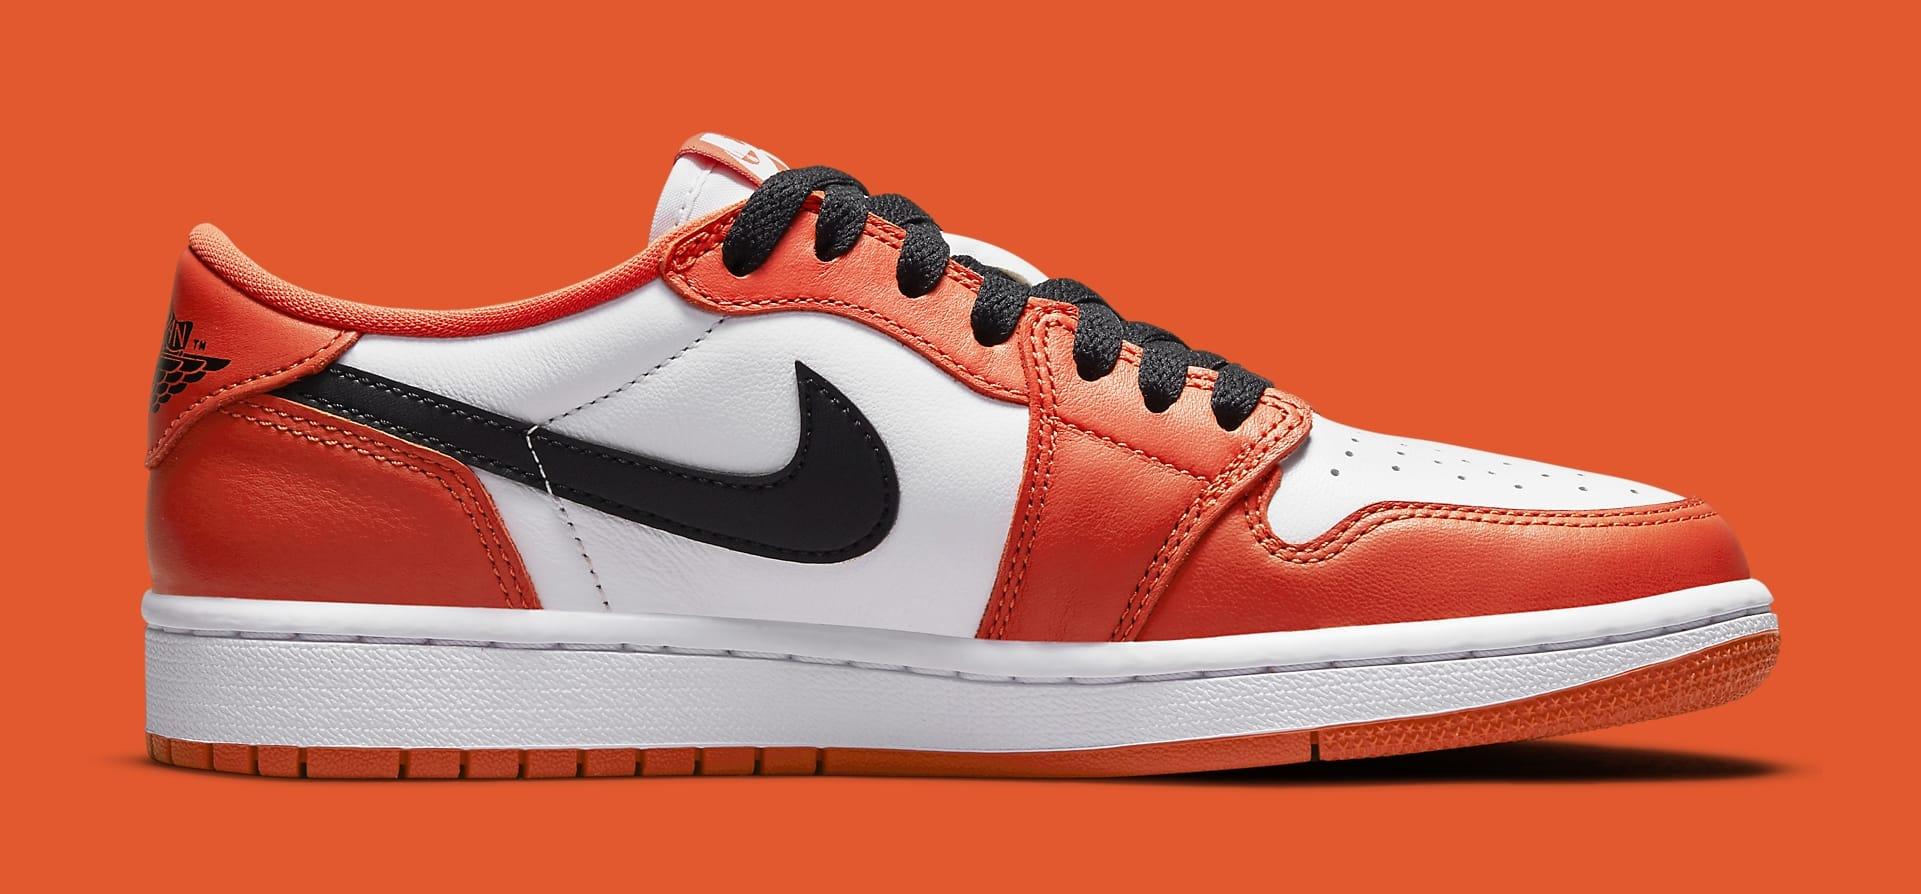 Air Jordan 1 Low OG 'Orange/White/Black' CZ0775-801 Medial